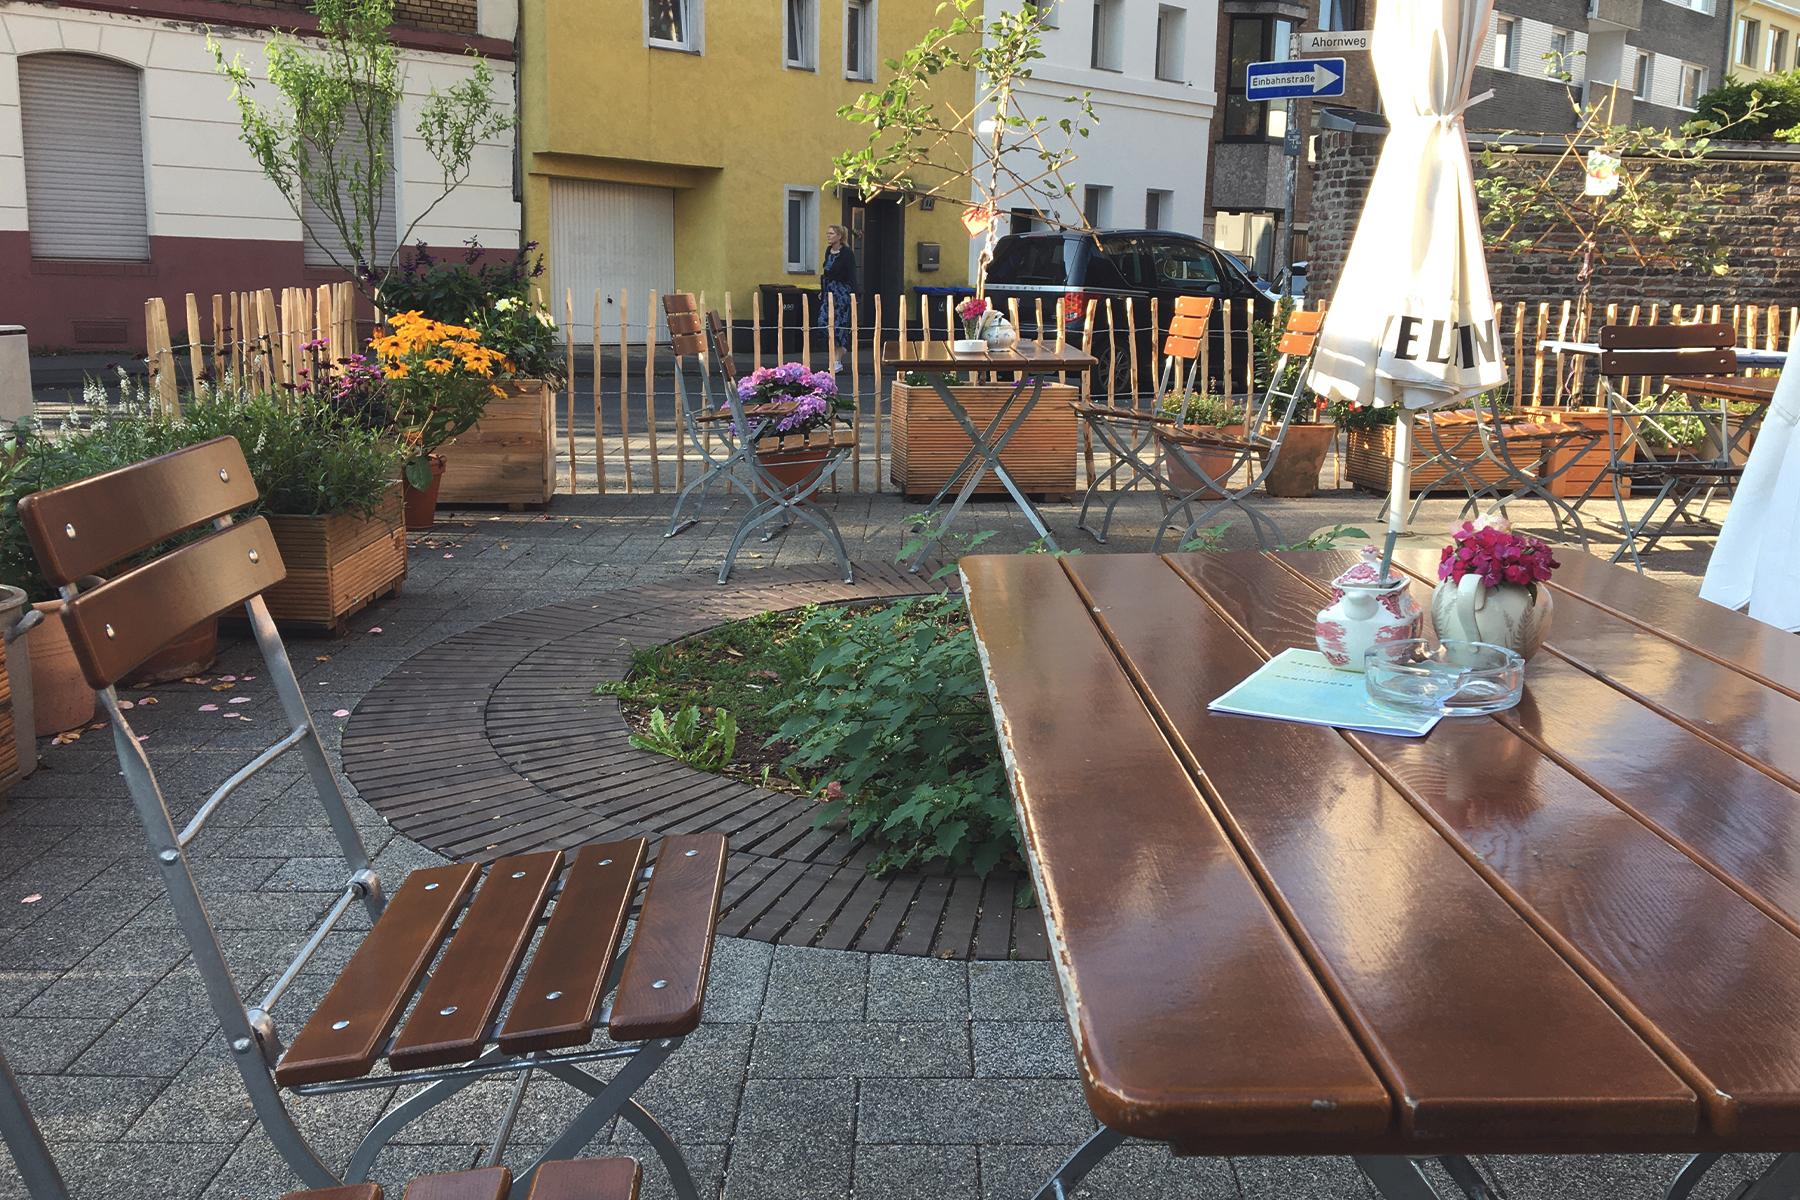 Cafe Herzhauschen Koeln 6 Artikel – ©Sarah Kleiss